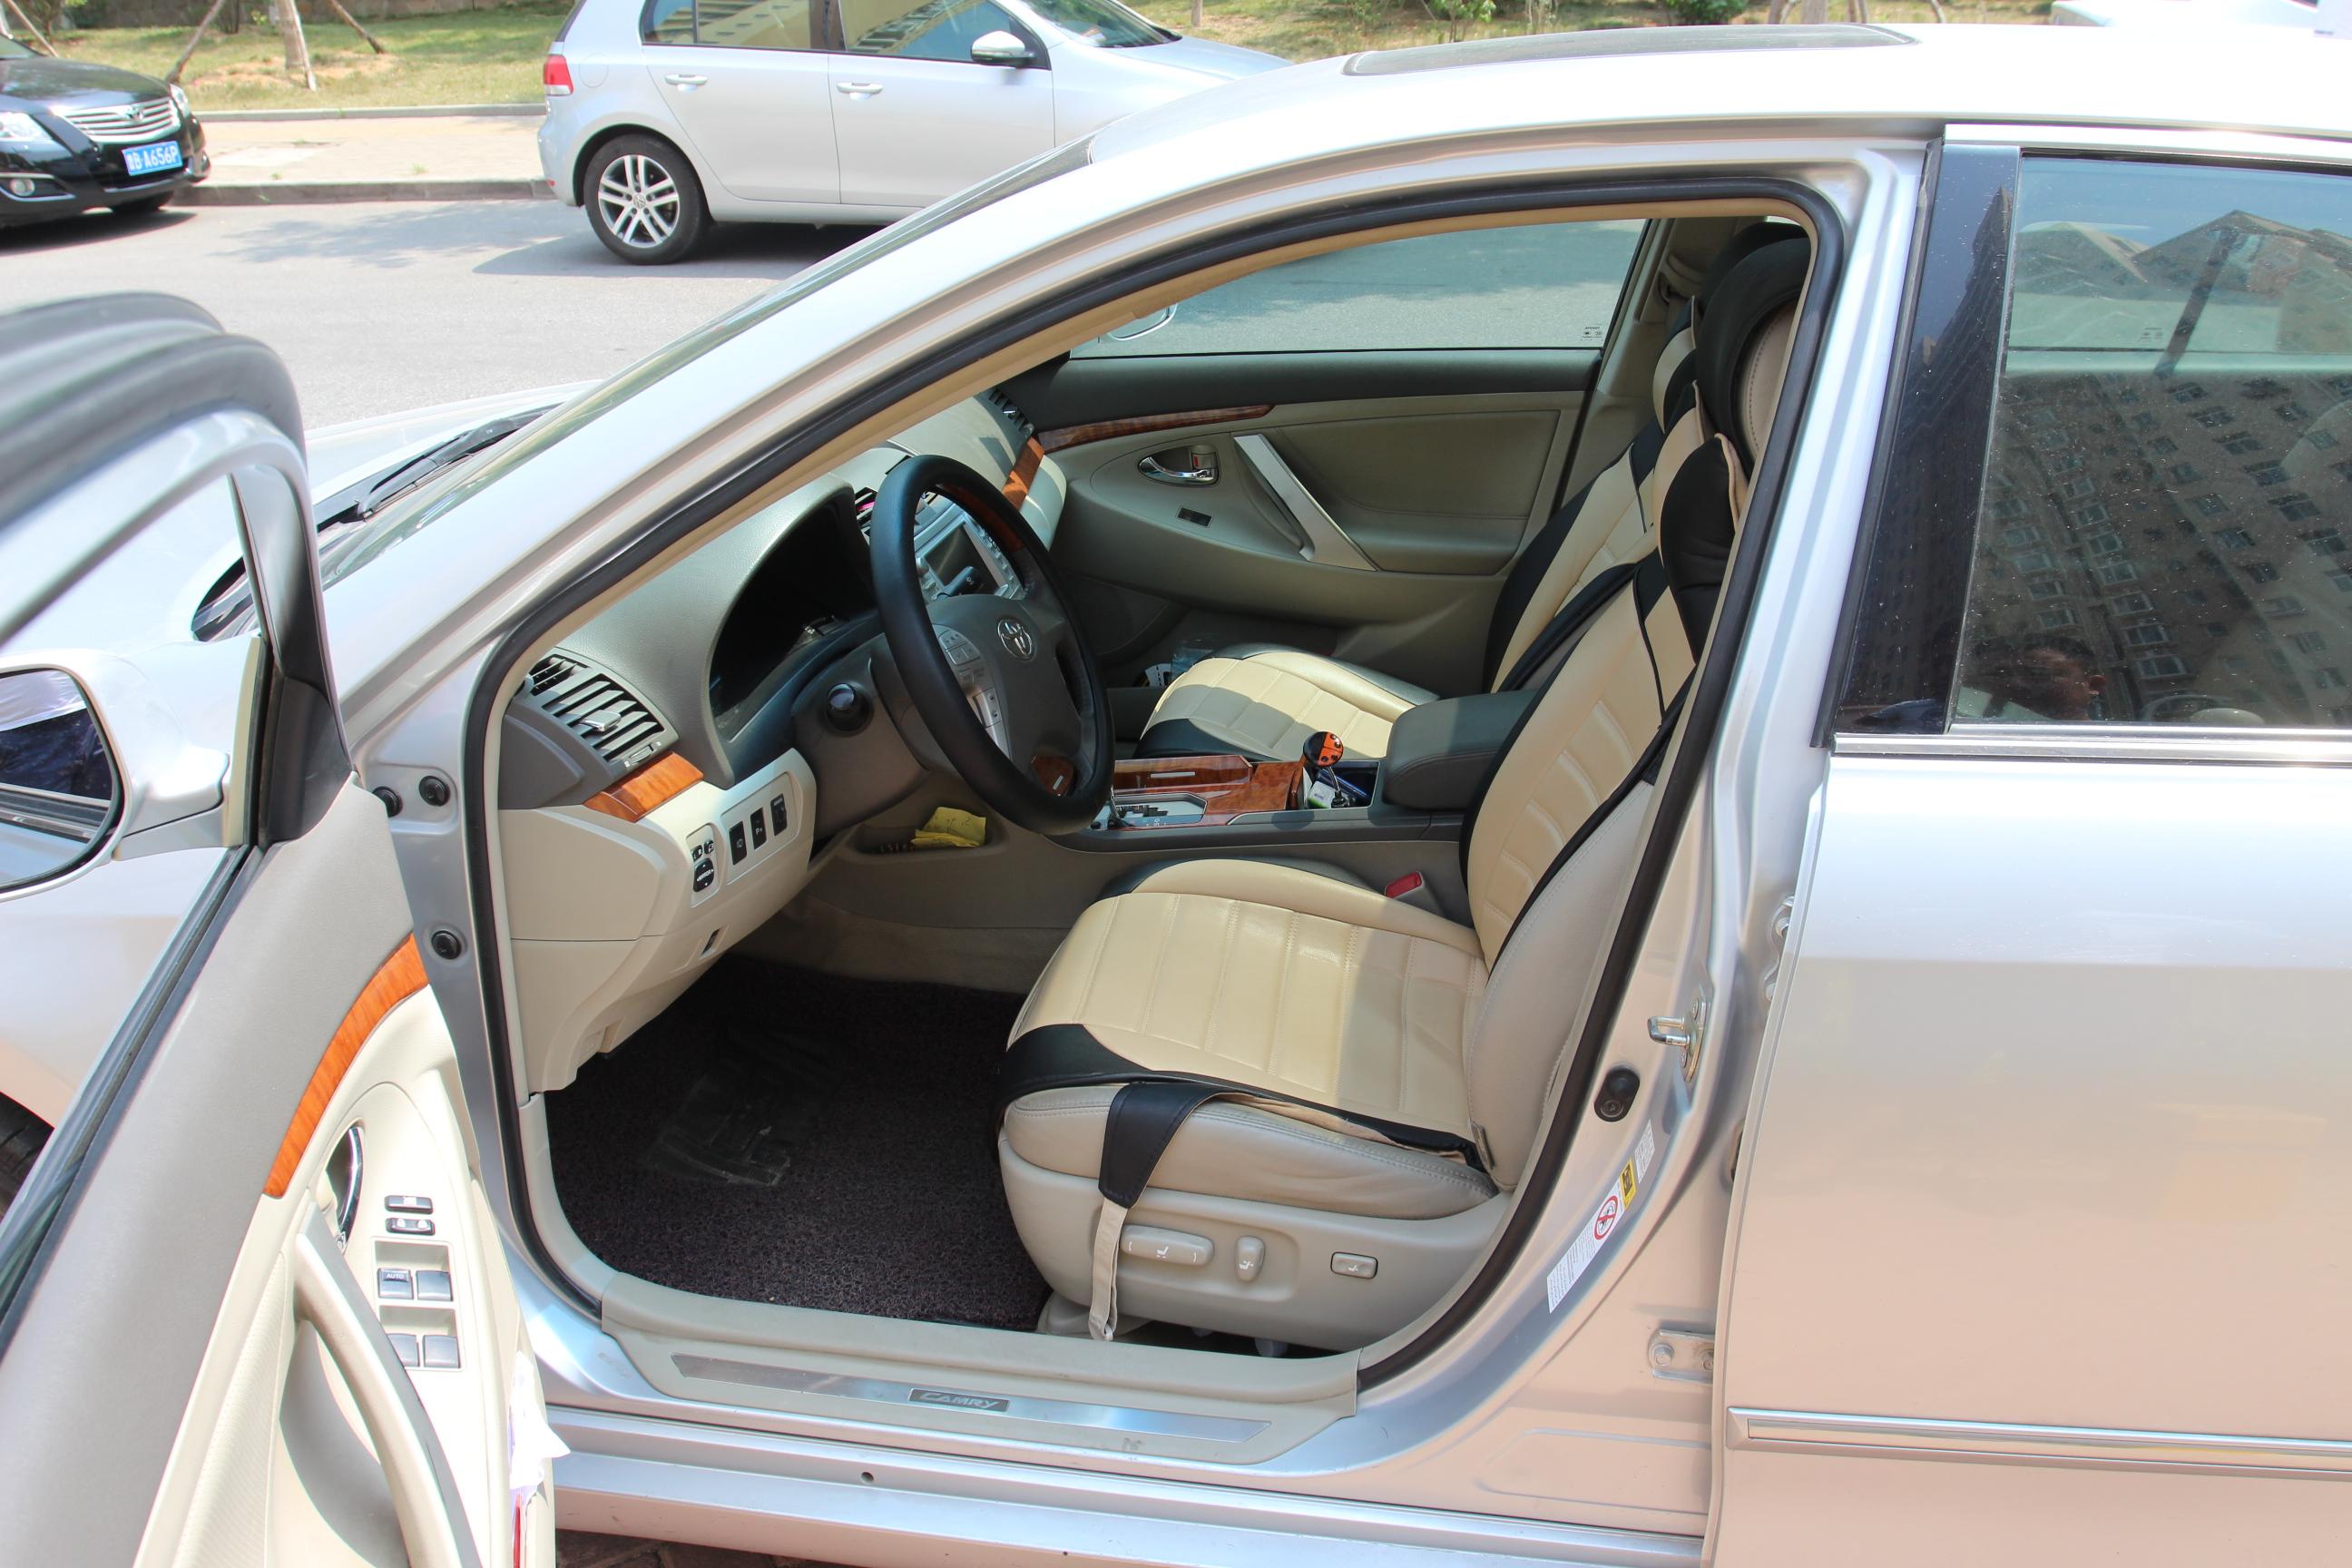 丰田-凯美瑞 2009款 240v navi至尊导航版